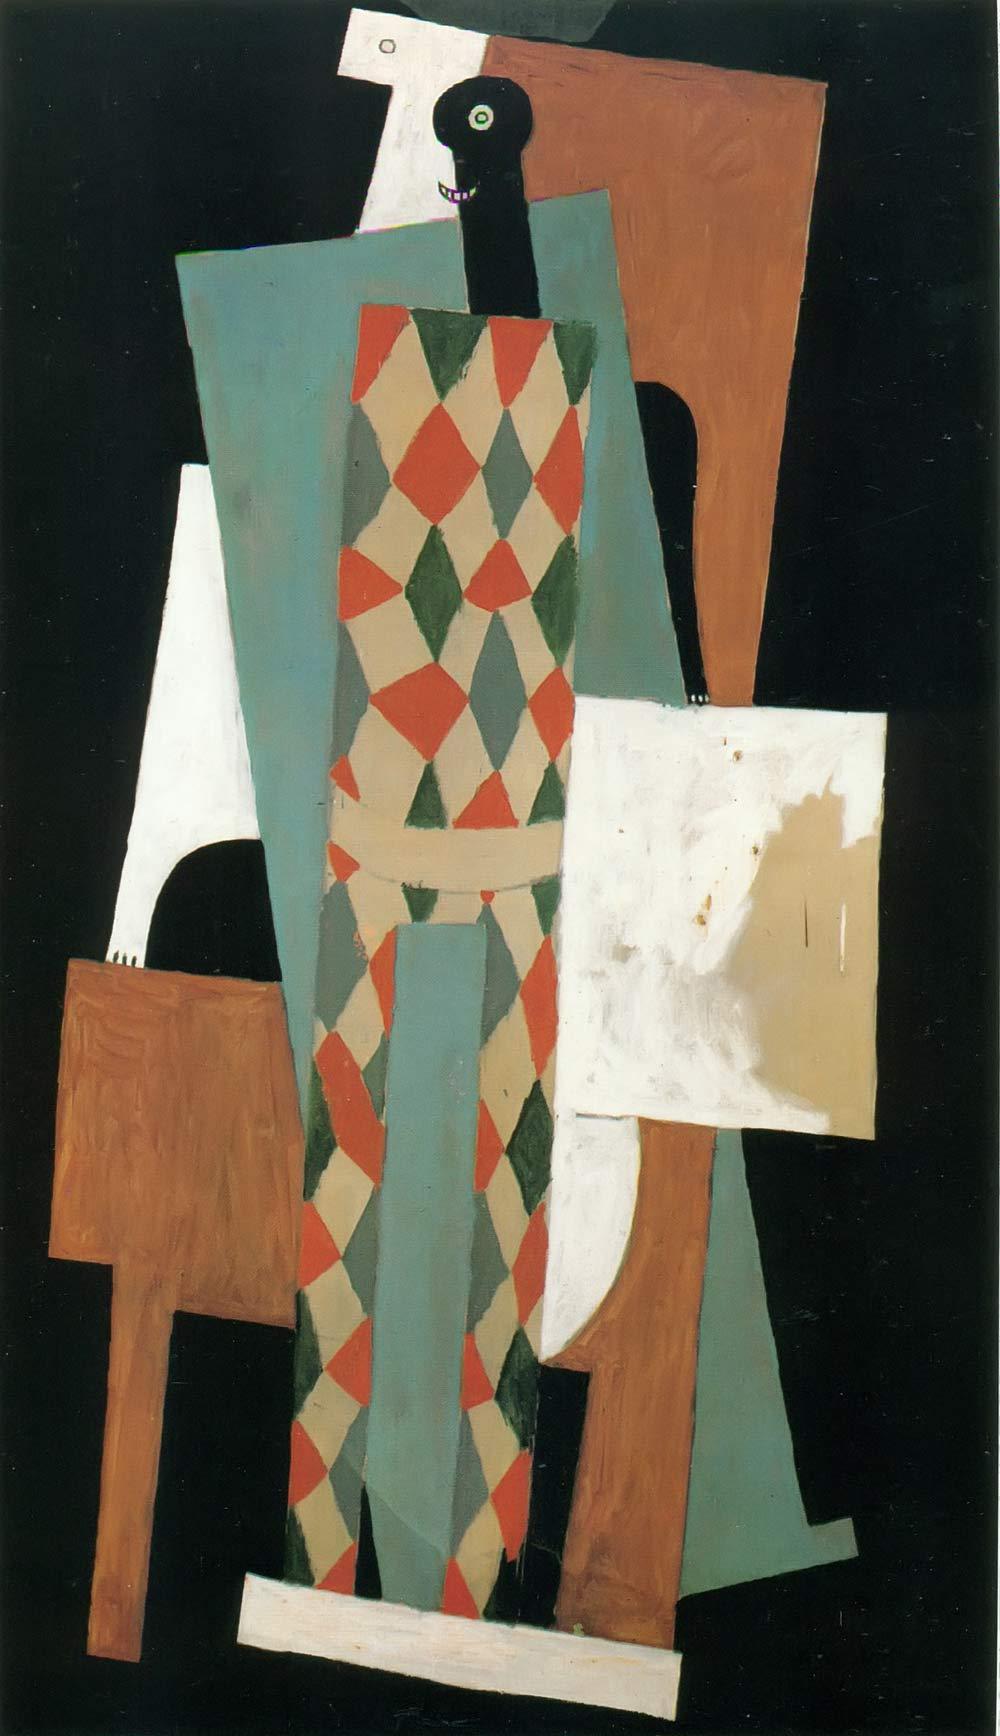 Harlequin 1915 Pablo Picasso